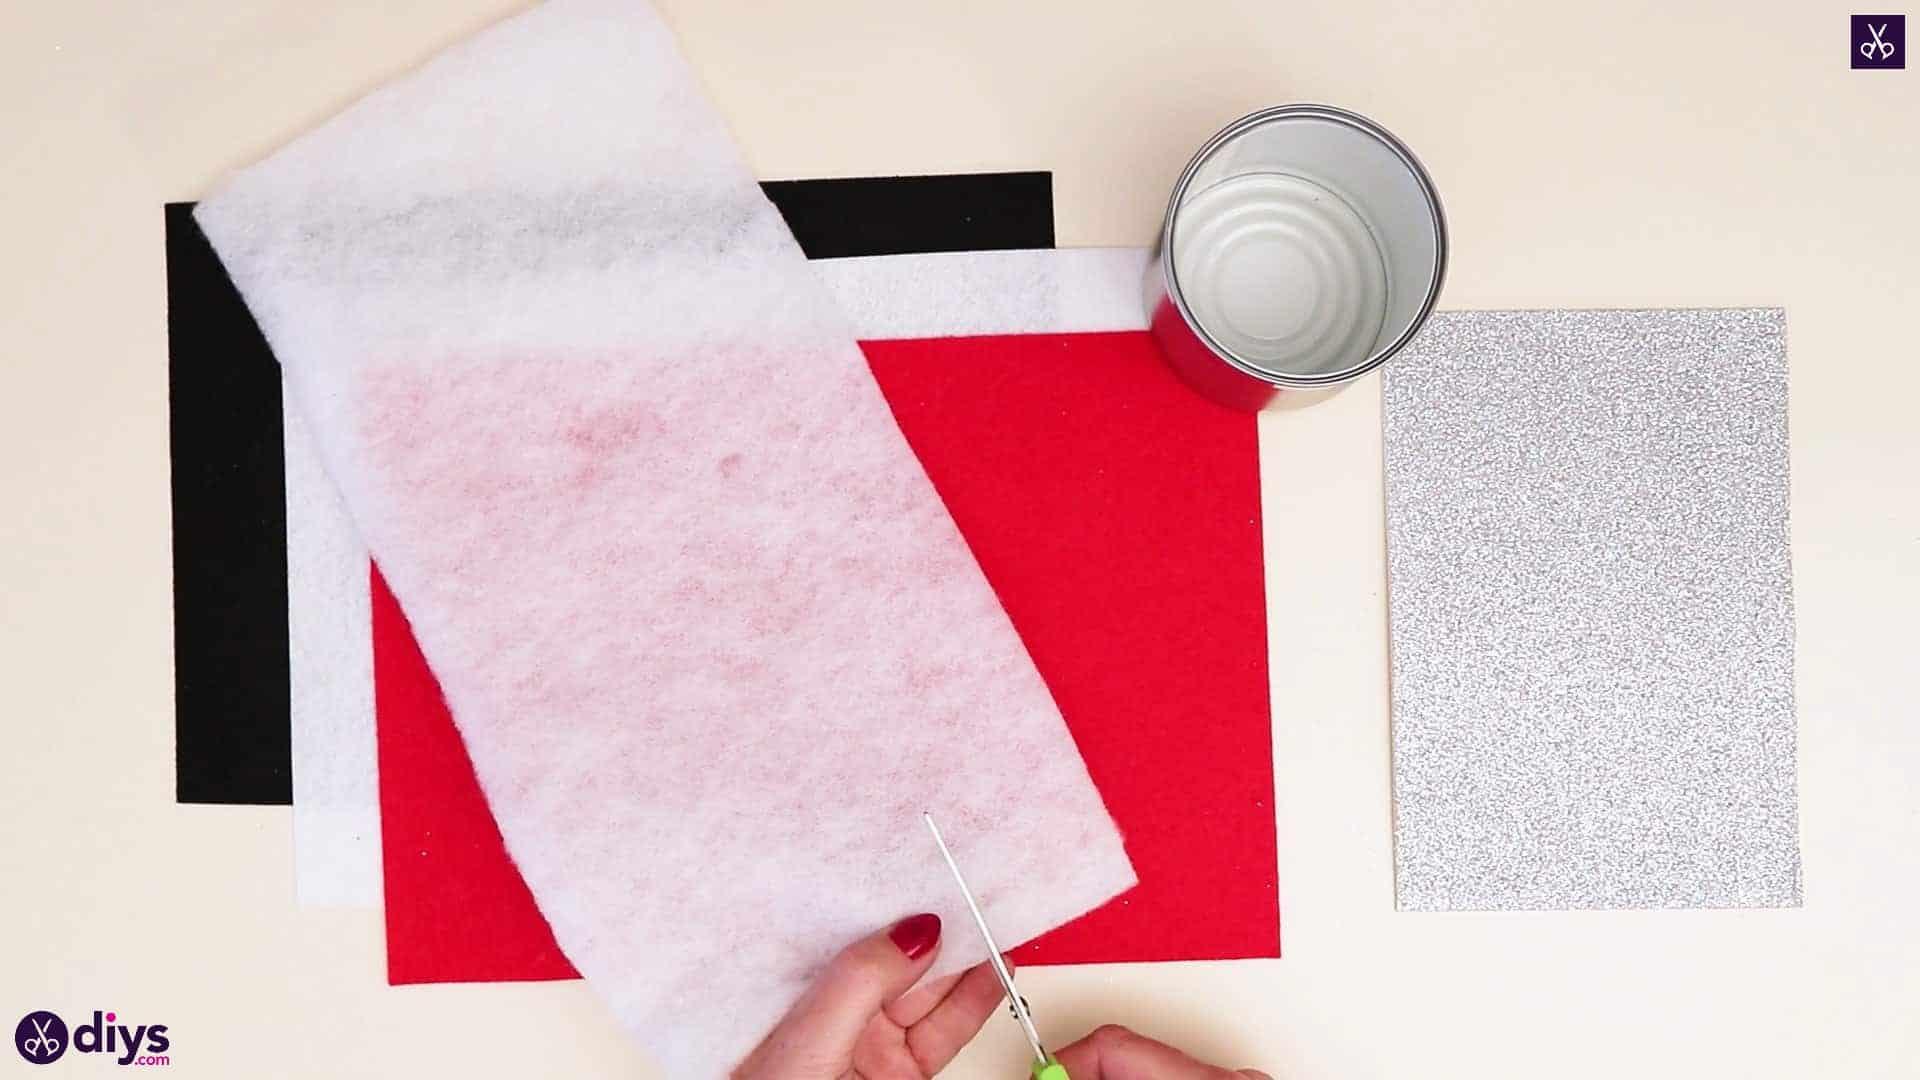 Tin can santa candy holder cutting process